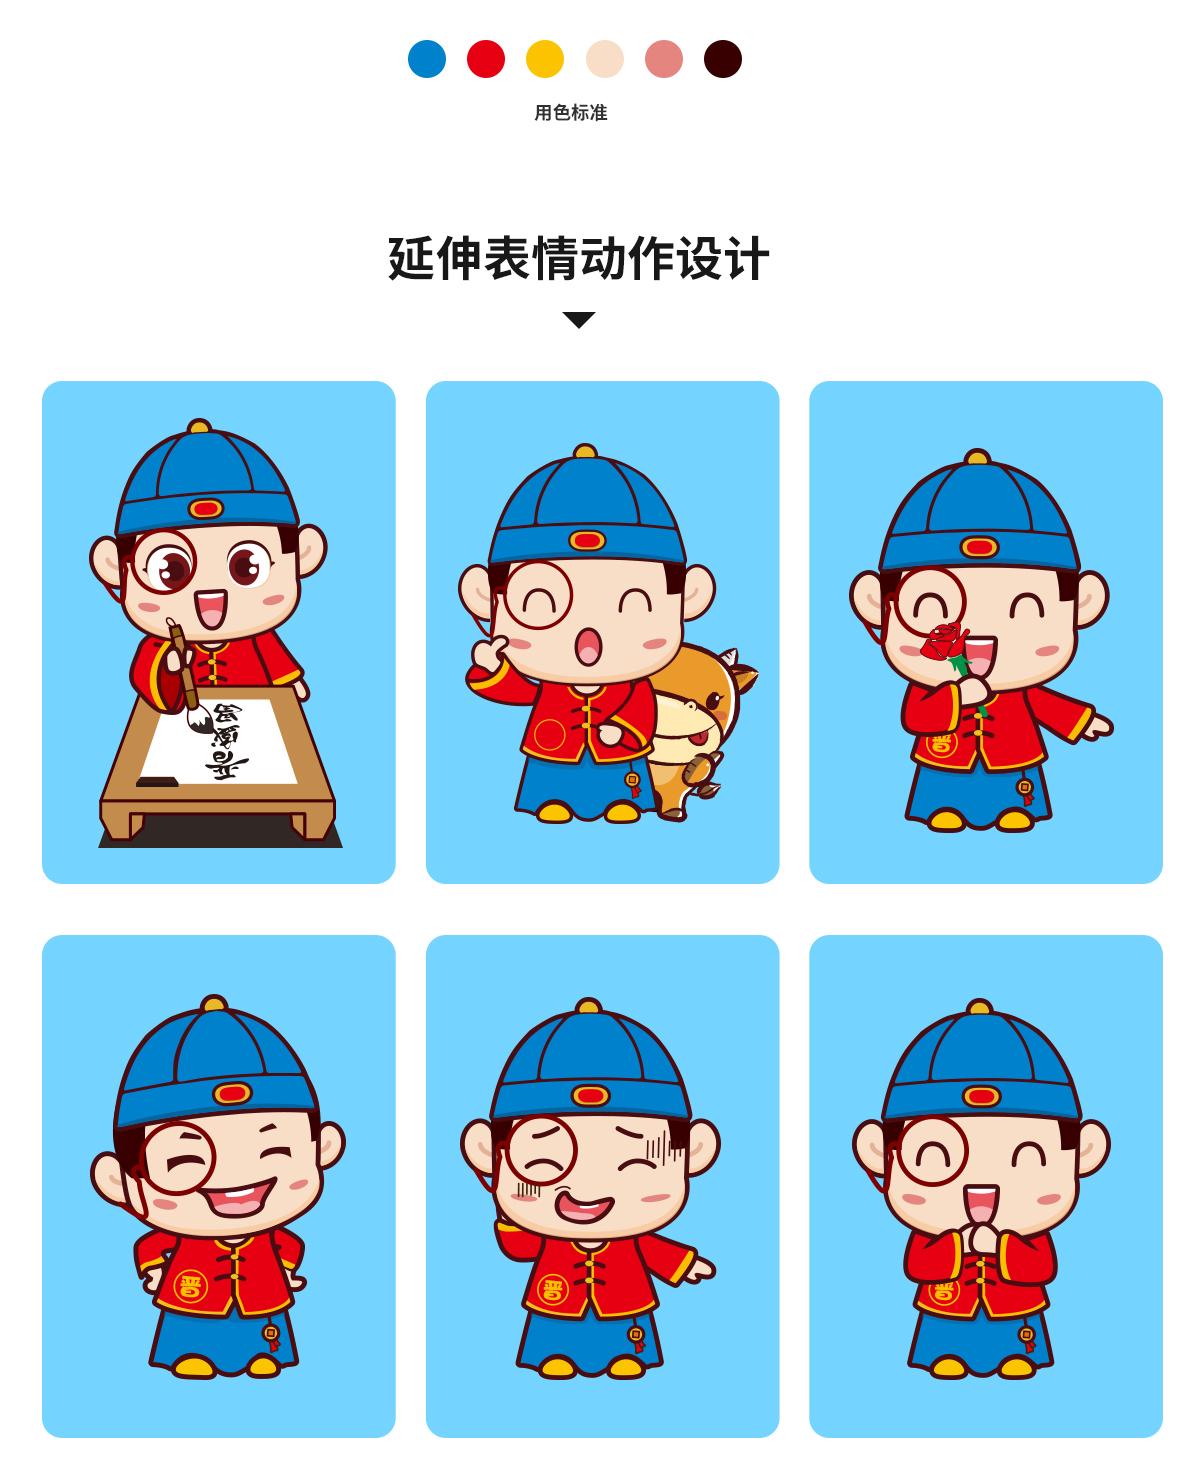 企业卡通形象设计 表情包设计